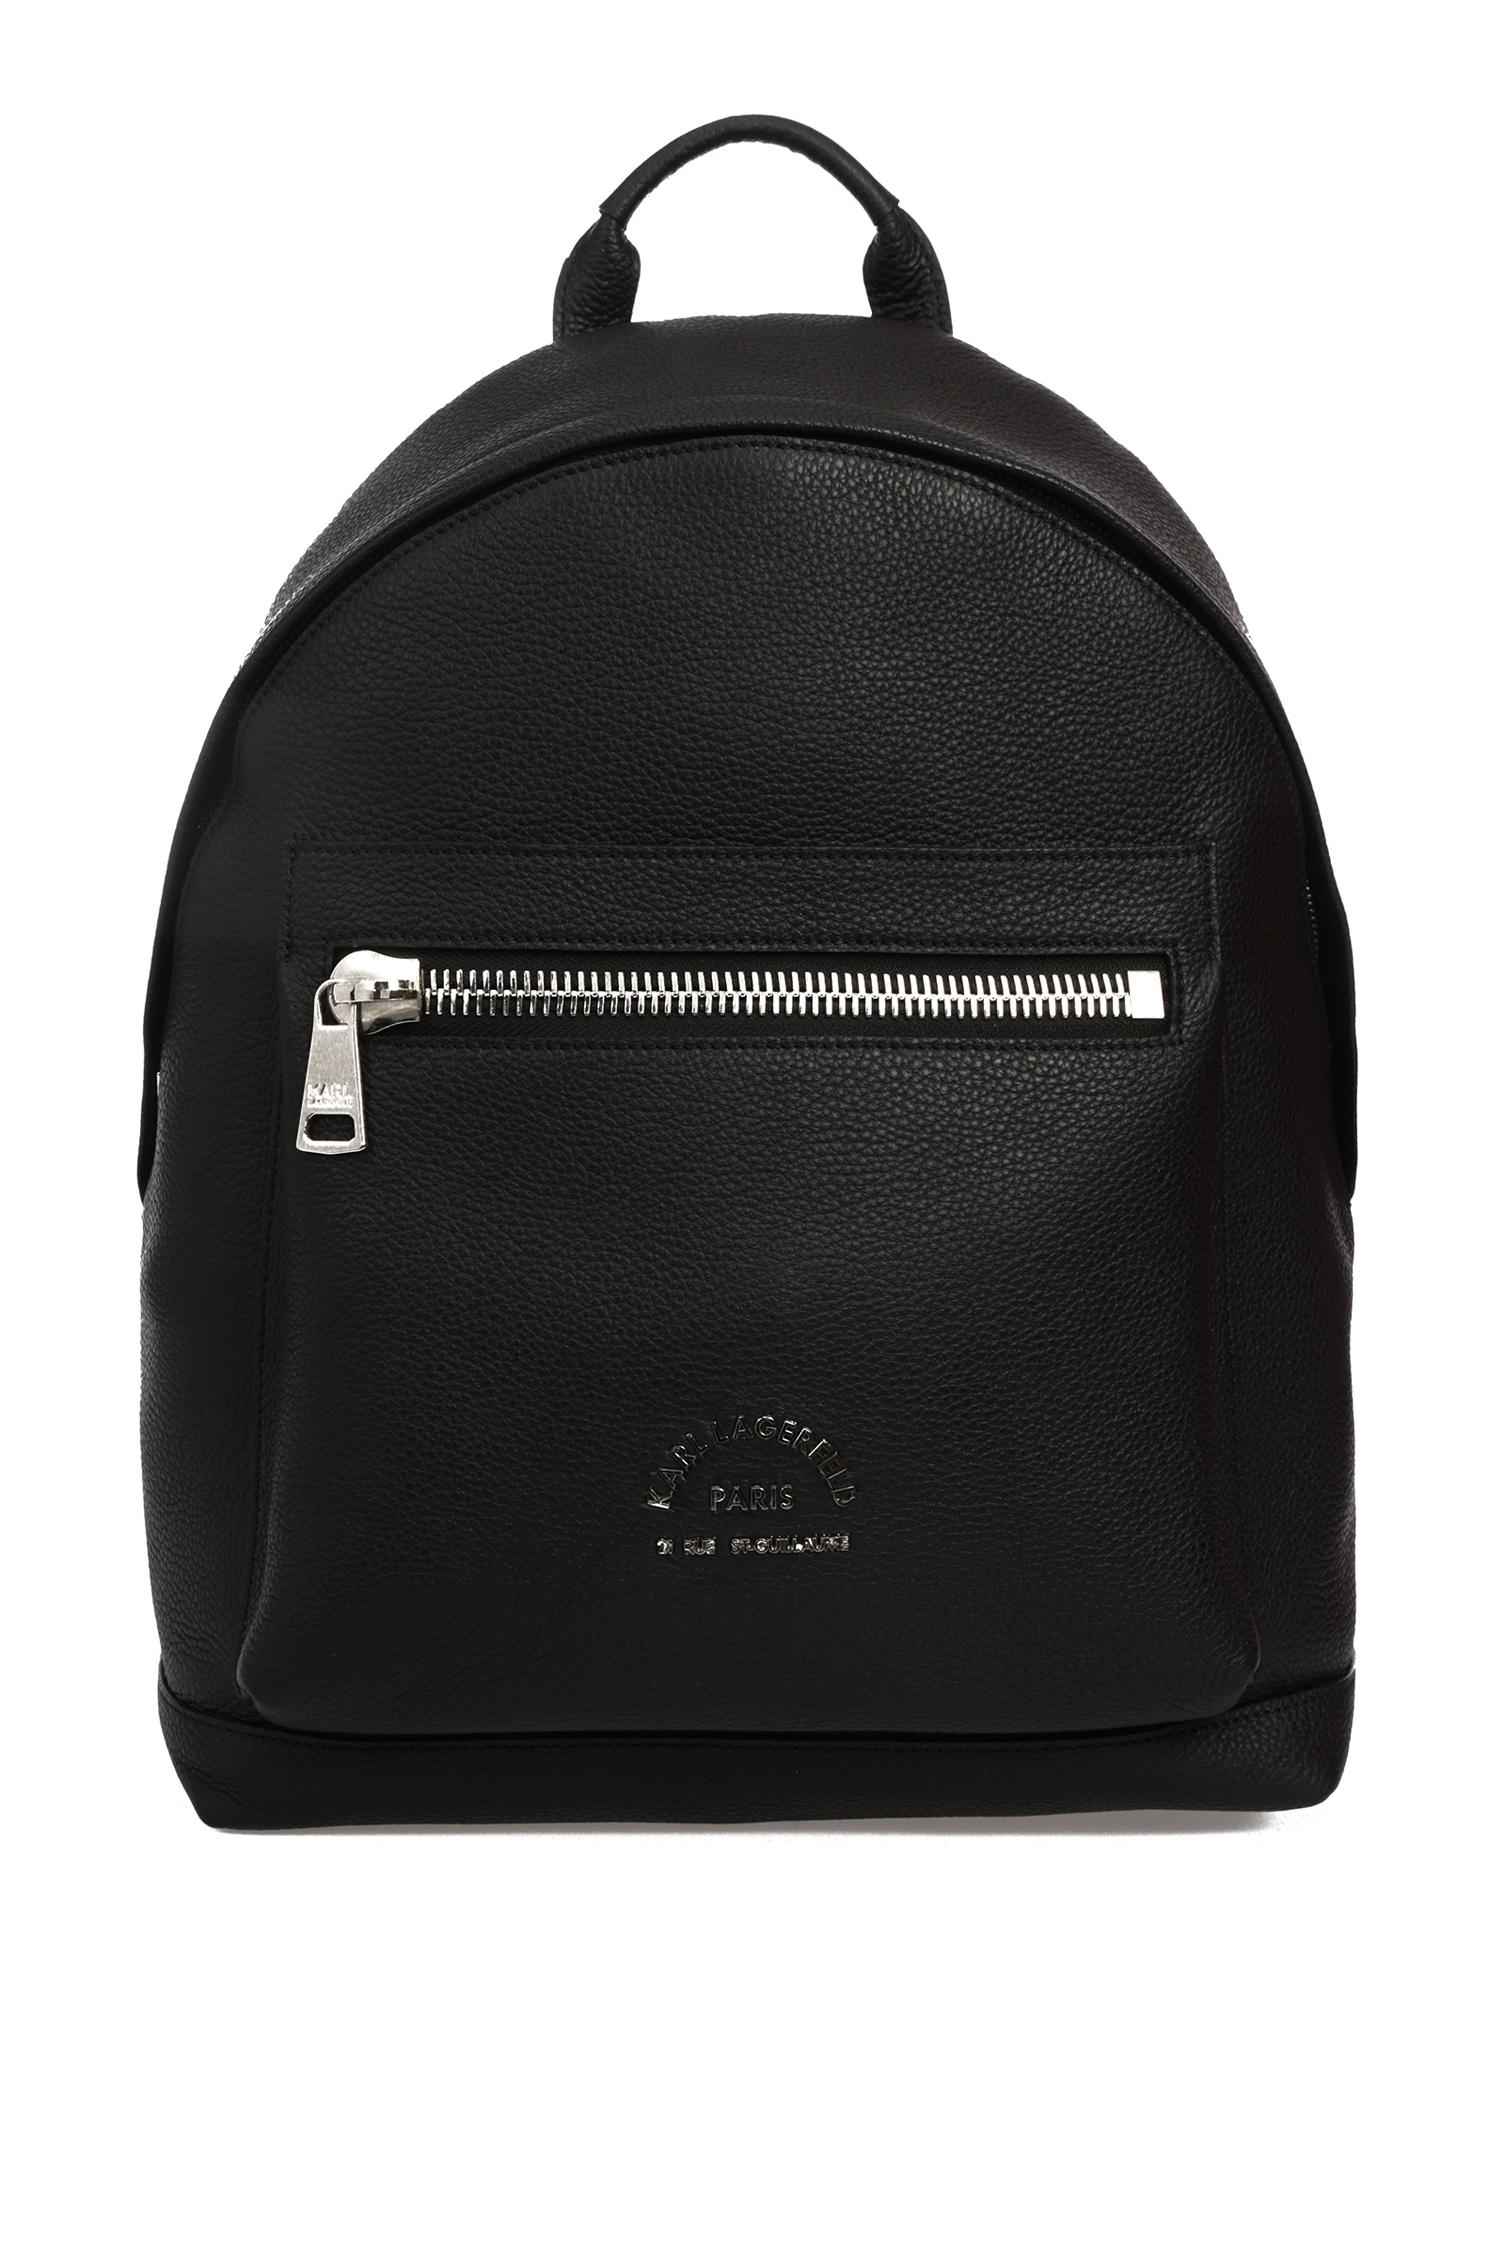 Мужской черный кожаный рюкзак Karl Lagerfeld 592451.815901;990